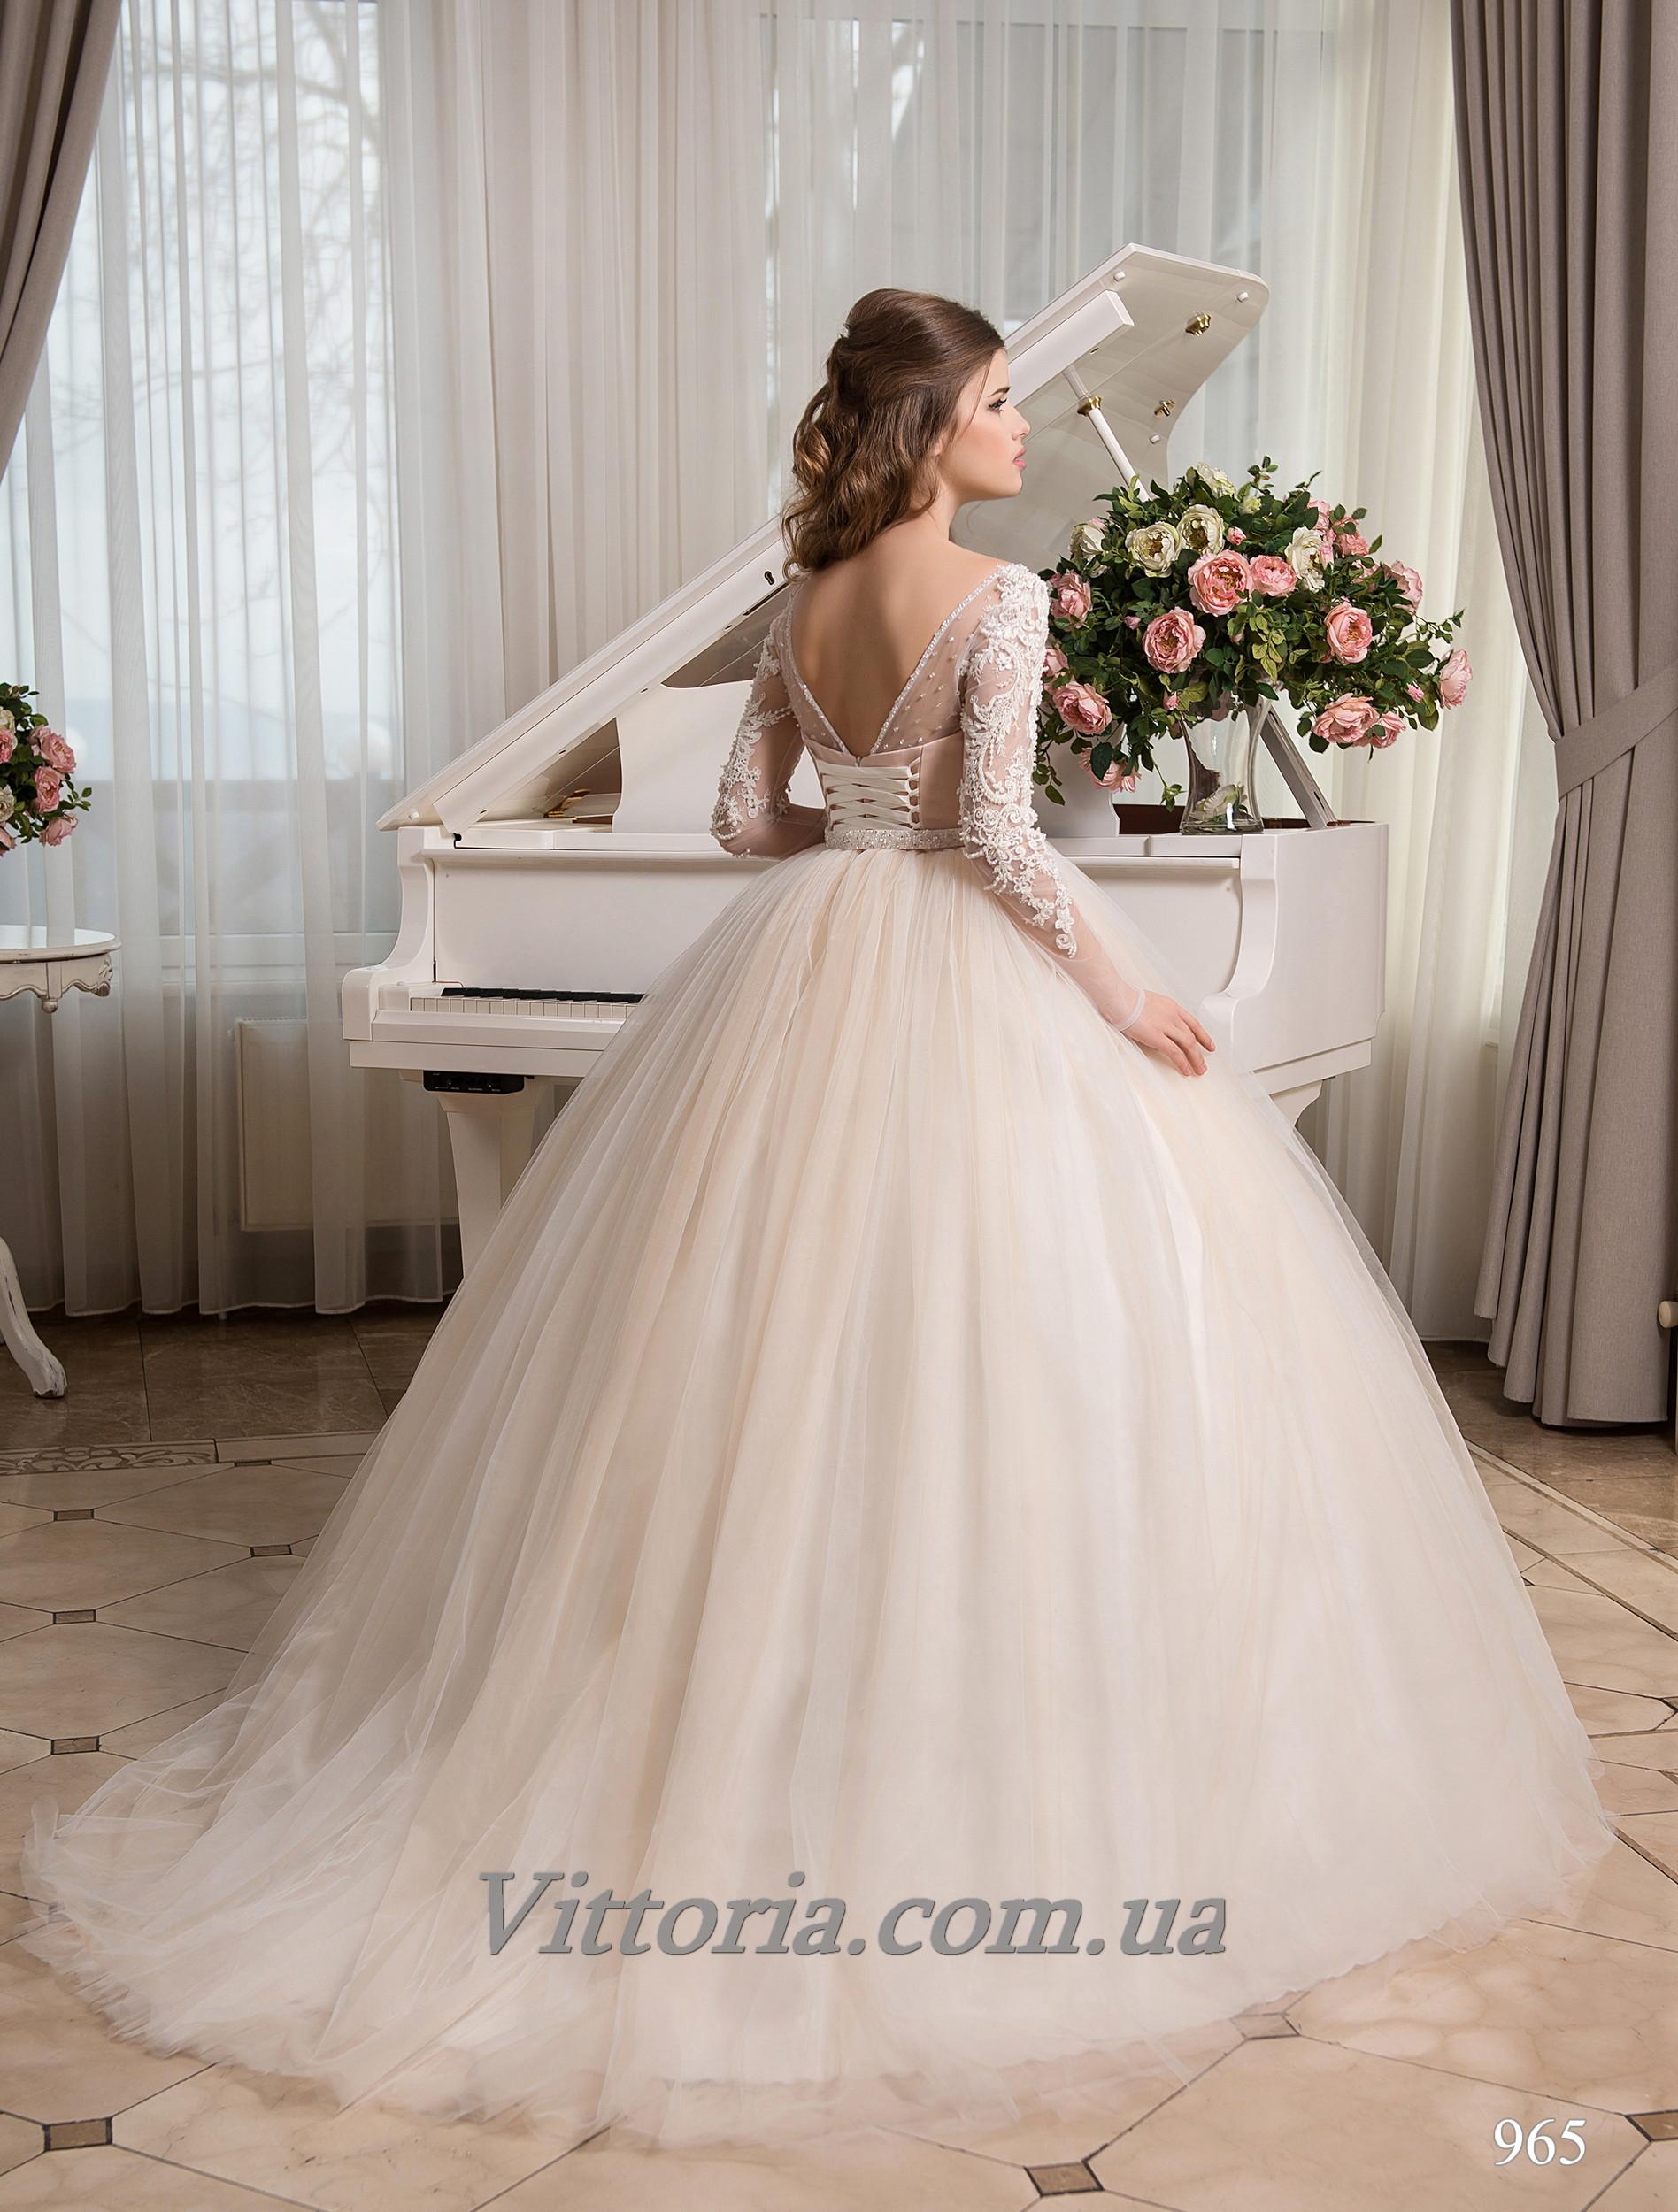 Свадебное платье Модель 17-965